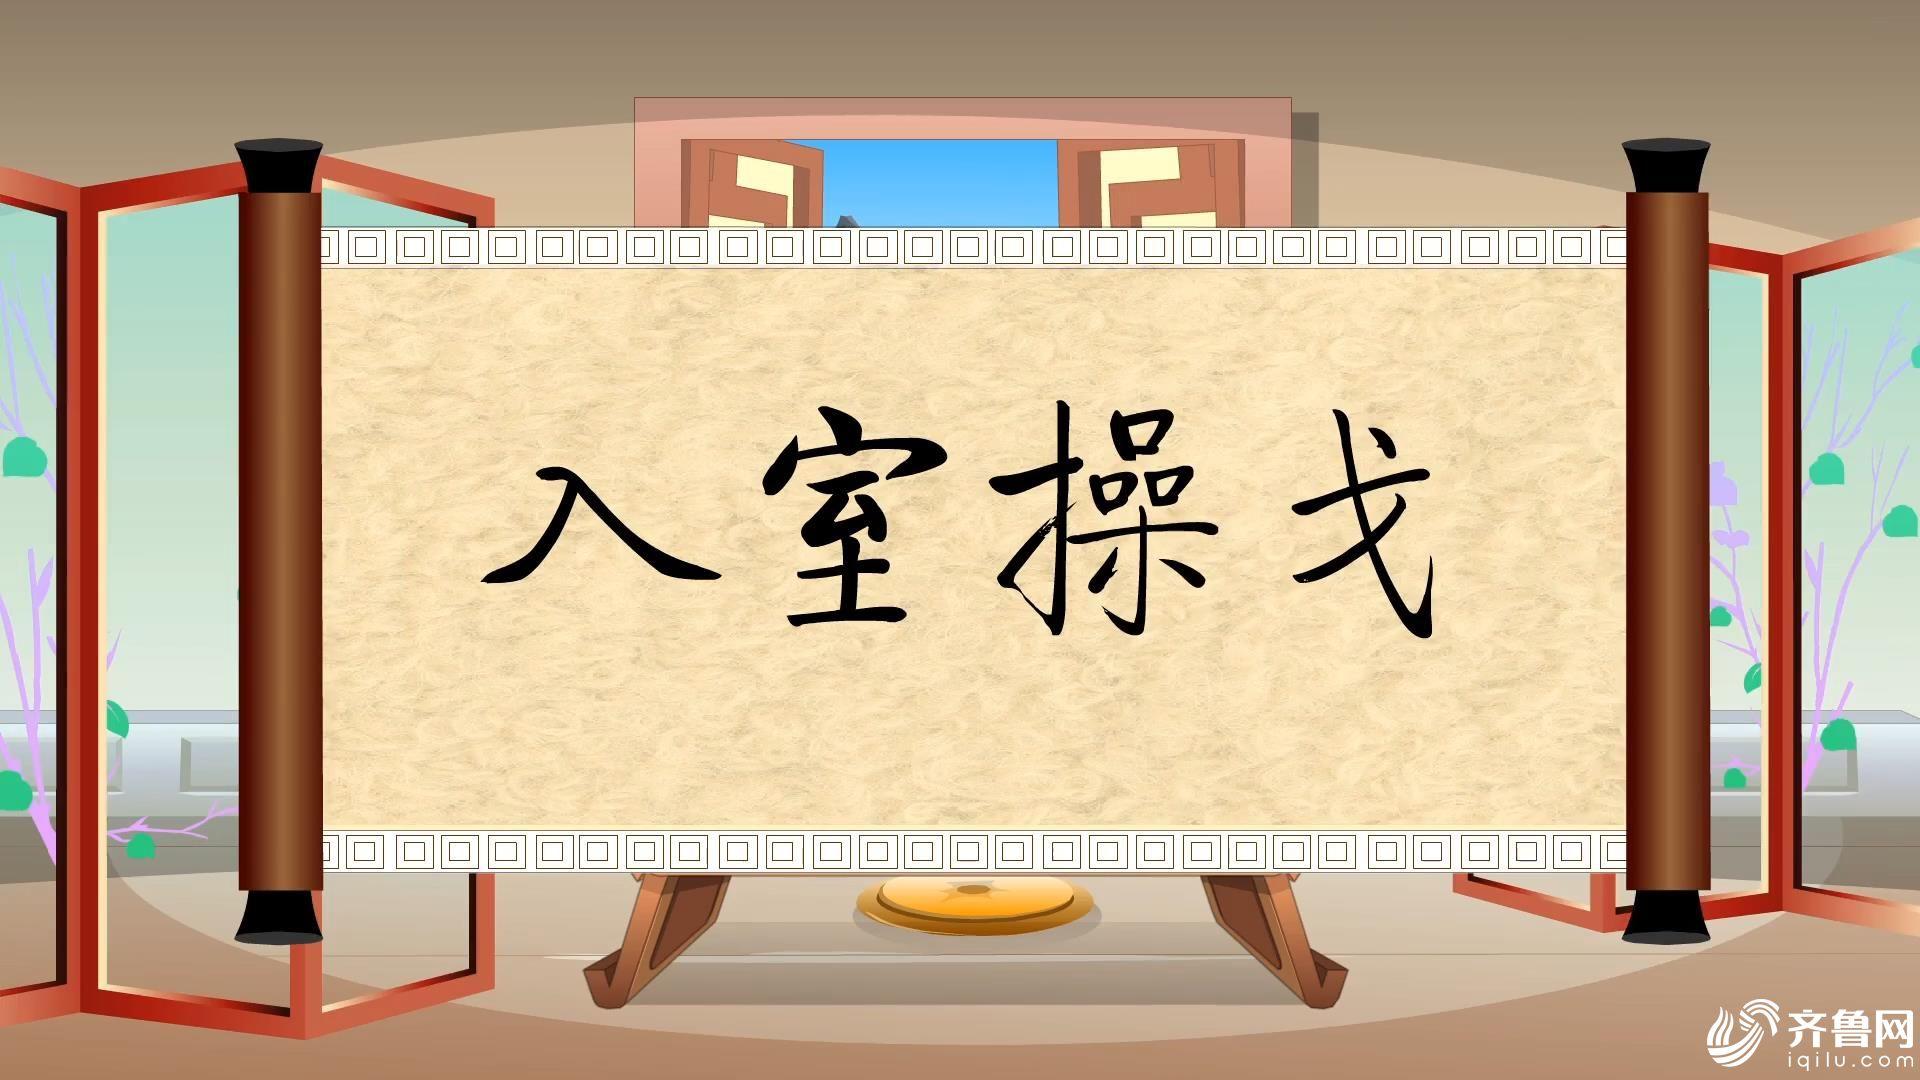 潍坊成语动画(二):入室操戈